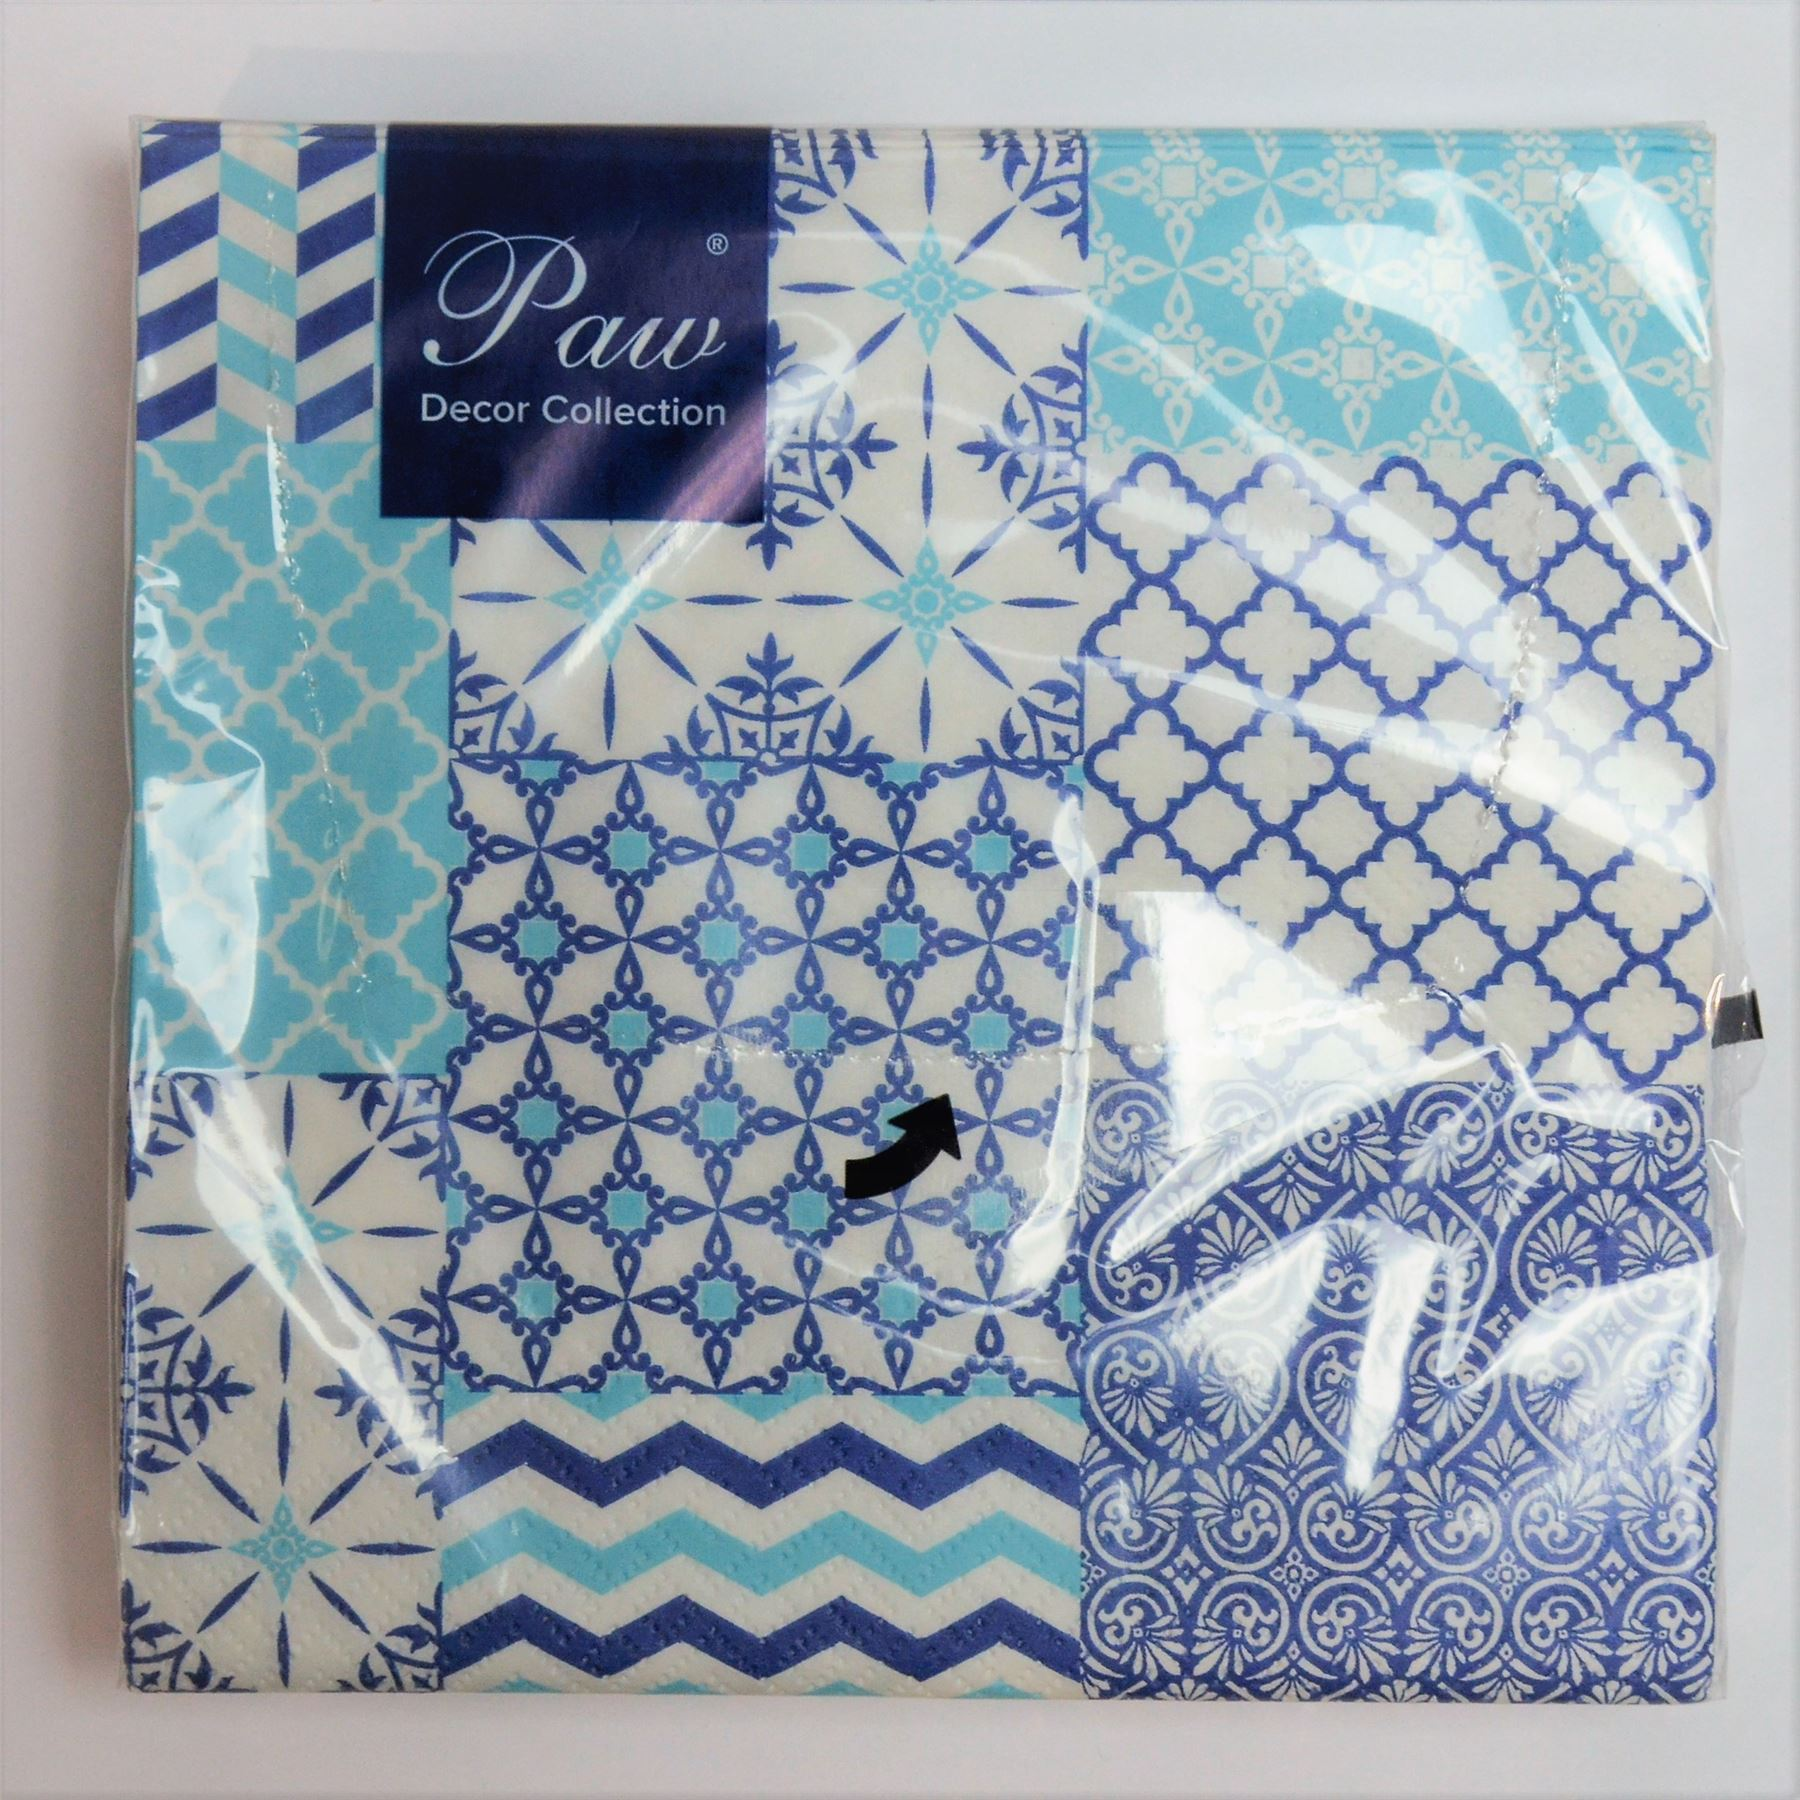 20 pck decorative paper napkins decoupage craft birthday - Decorative Paper Napkins